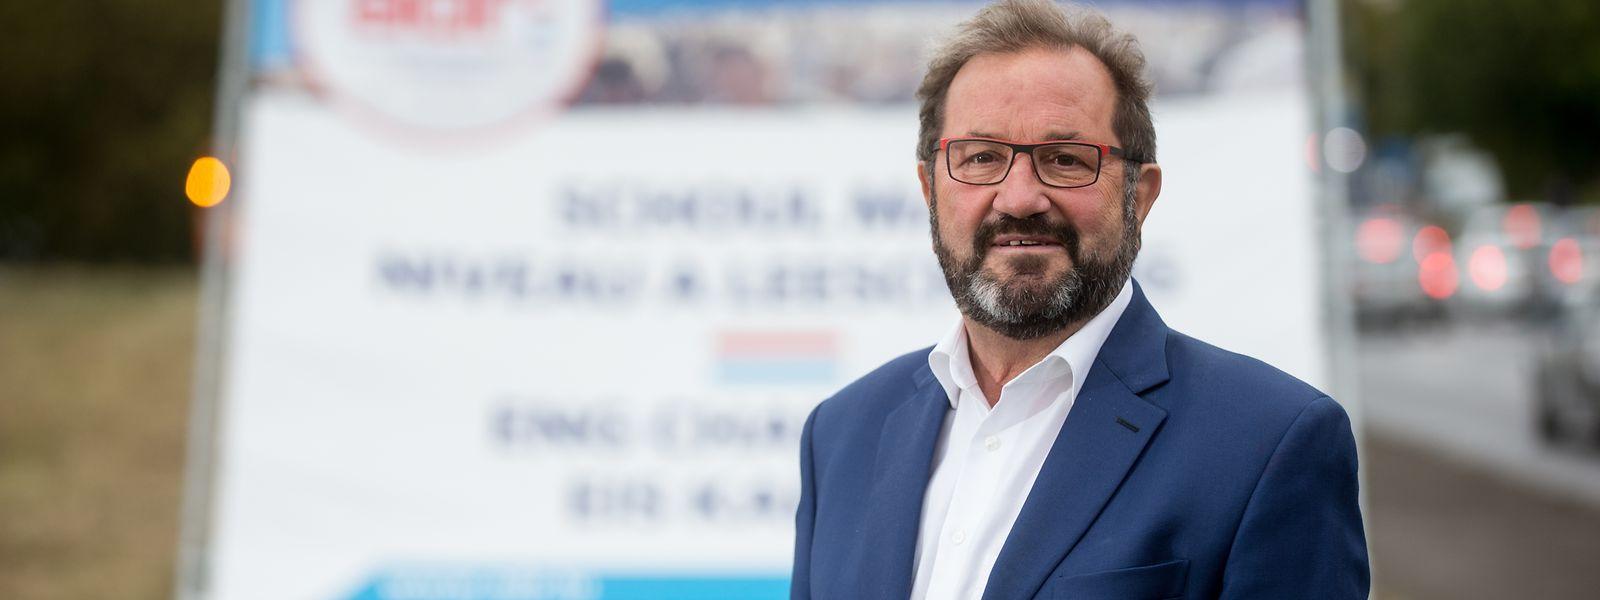 Wahlkampf ohne Kampf: Nach Meinung von Gast Gibéryen ist die politische Diskussionskultur im Land zu ruhig. Vor 30 Jahren wurden die Auseinandersetzungen härter geführt.